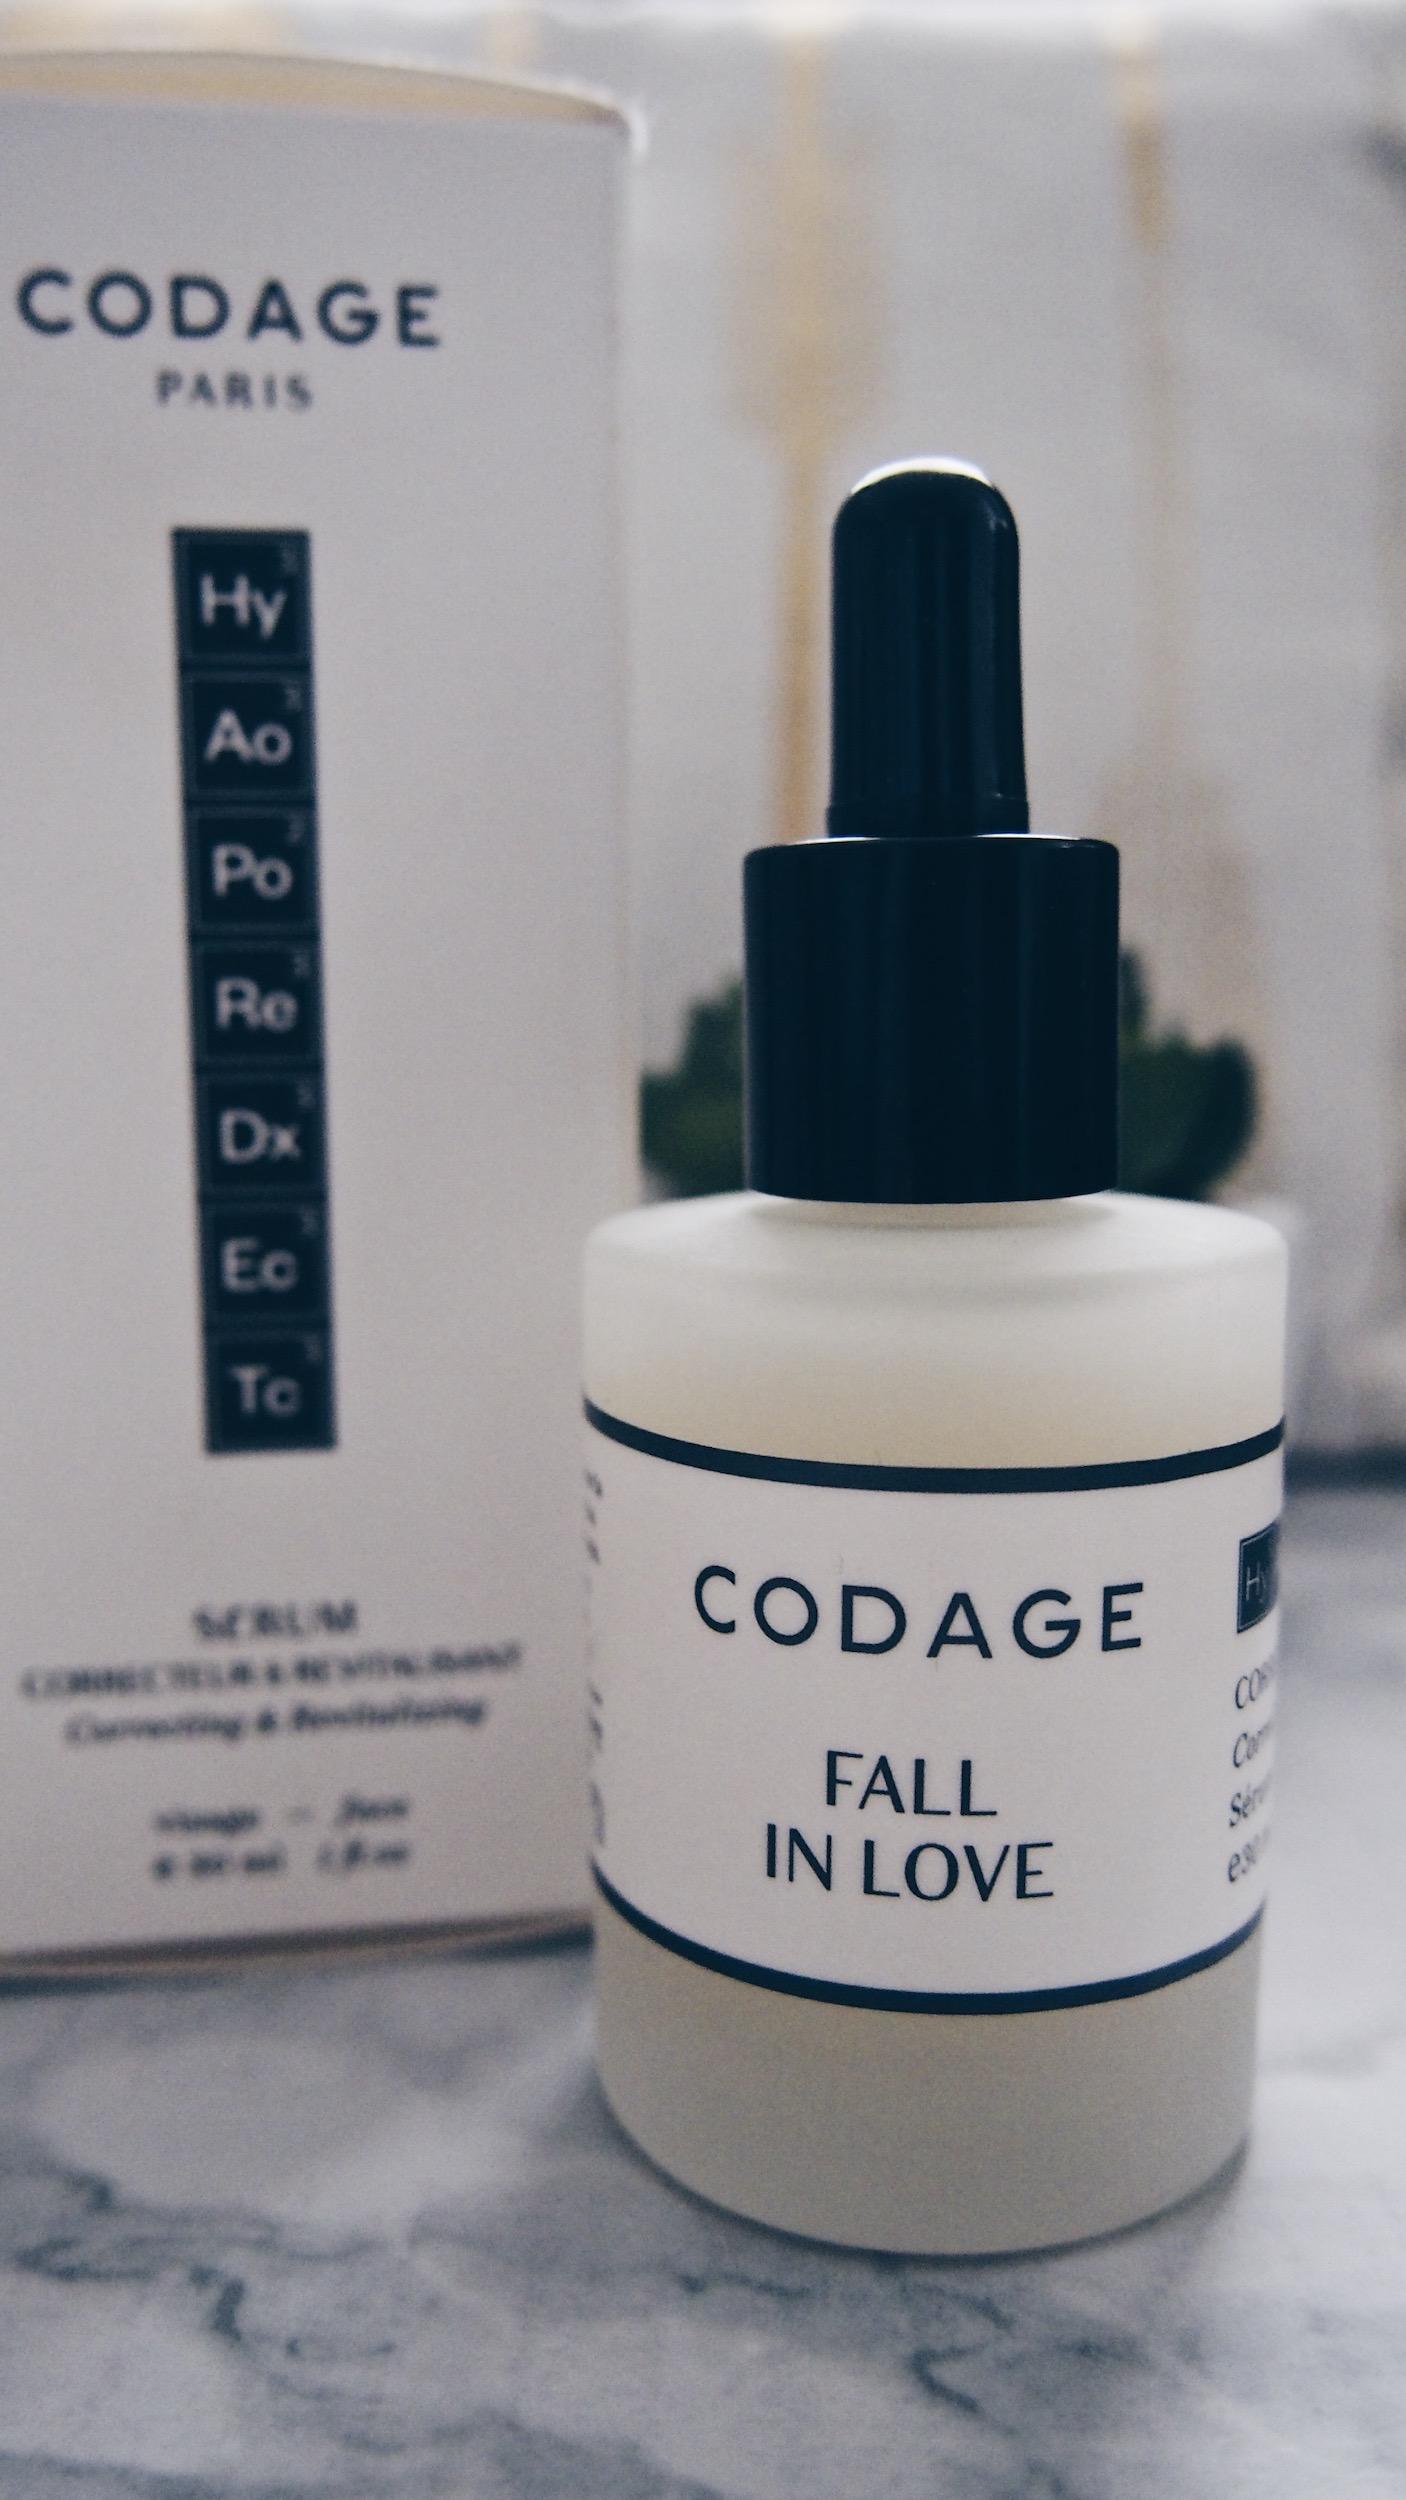 codage-paris-beauté-soin-sérum-peau